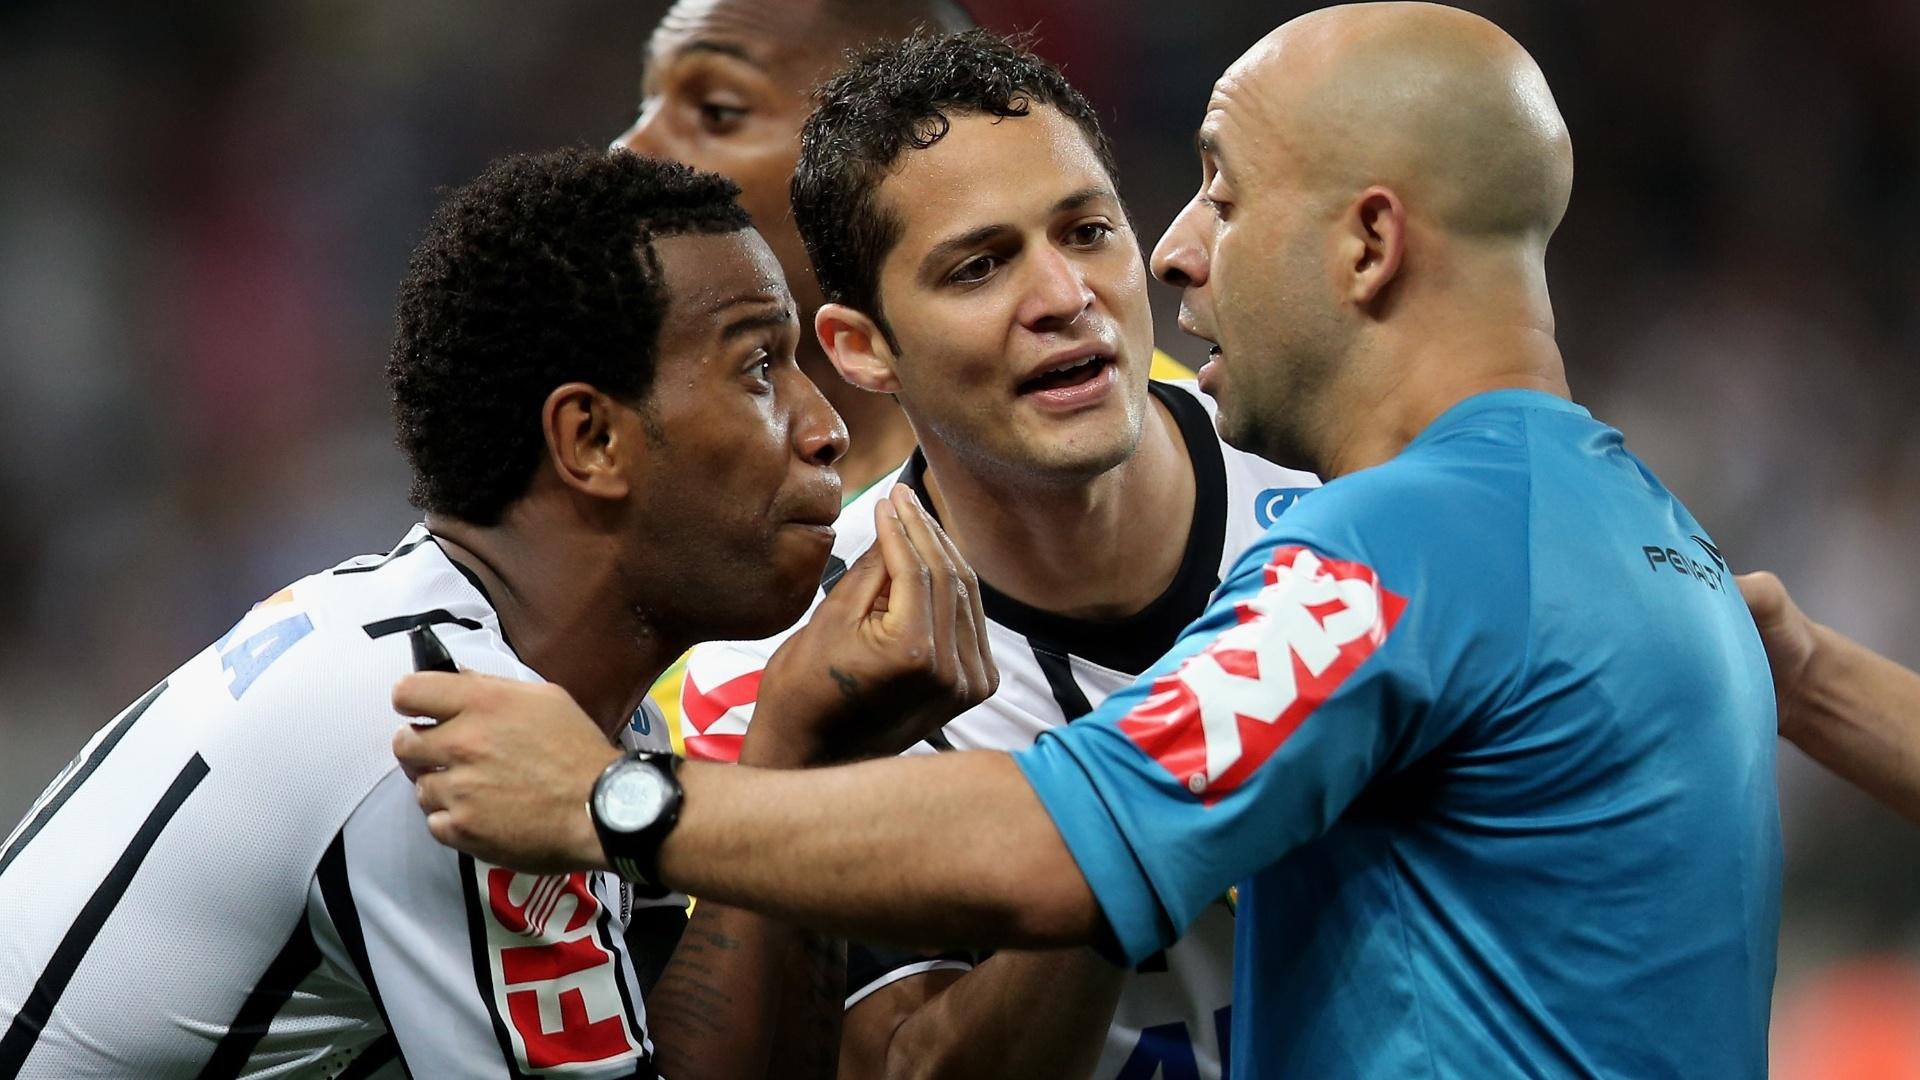 Jogadores do Corinthians reclamam com o juiz Jean Pierre no jogo contra o Coritiba